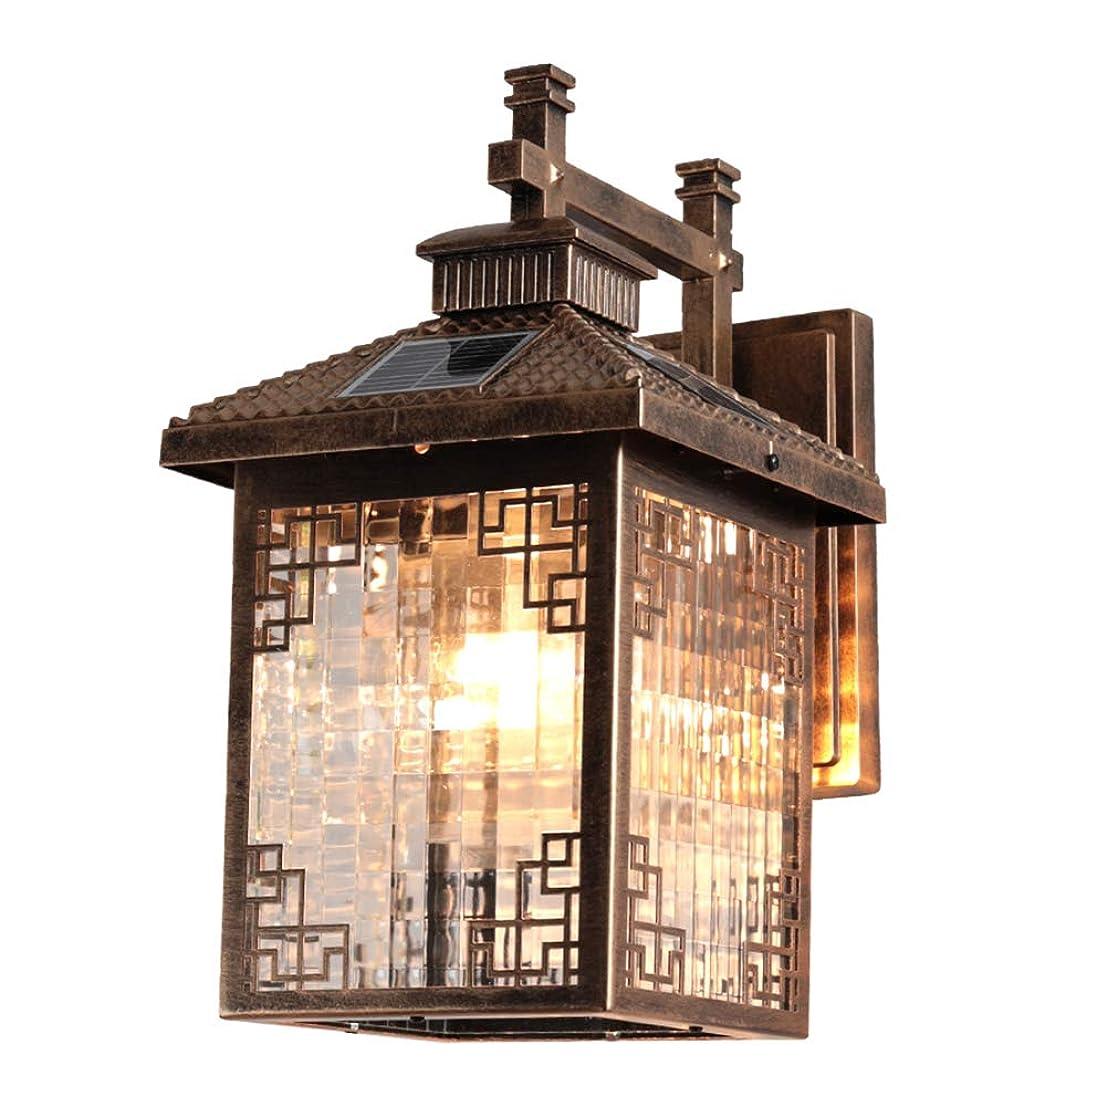 資本創造剪断ソーラーウォールライト屋外、調光ソーラーライト防水ガーデンライト新しい中国のヴィラ屋外外装ドア入り口柱壁ランプブラックブロンズ-bronze